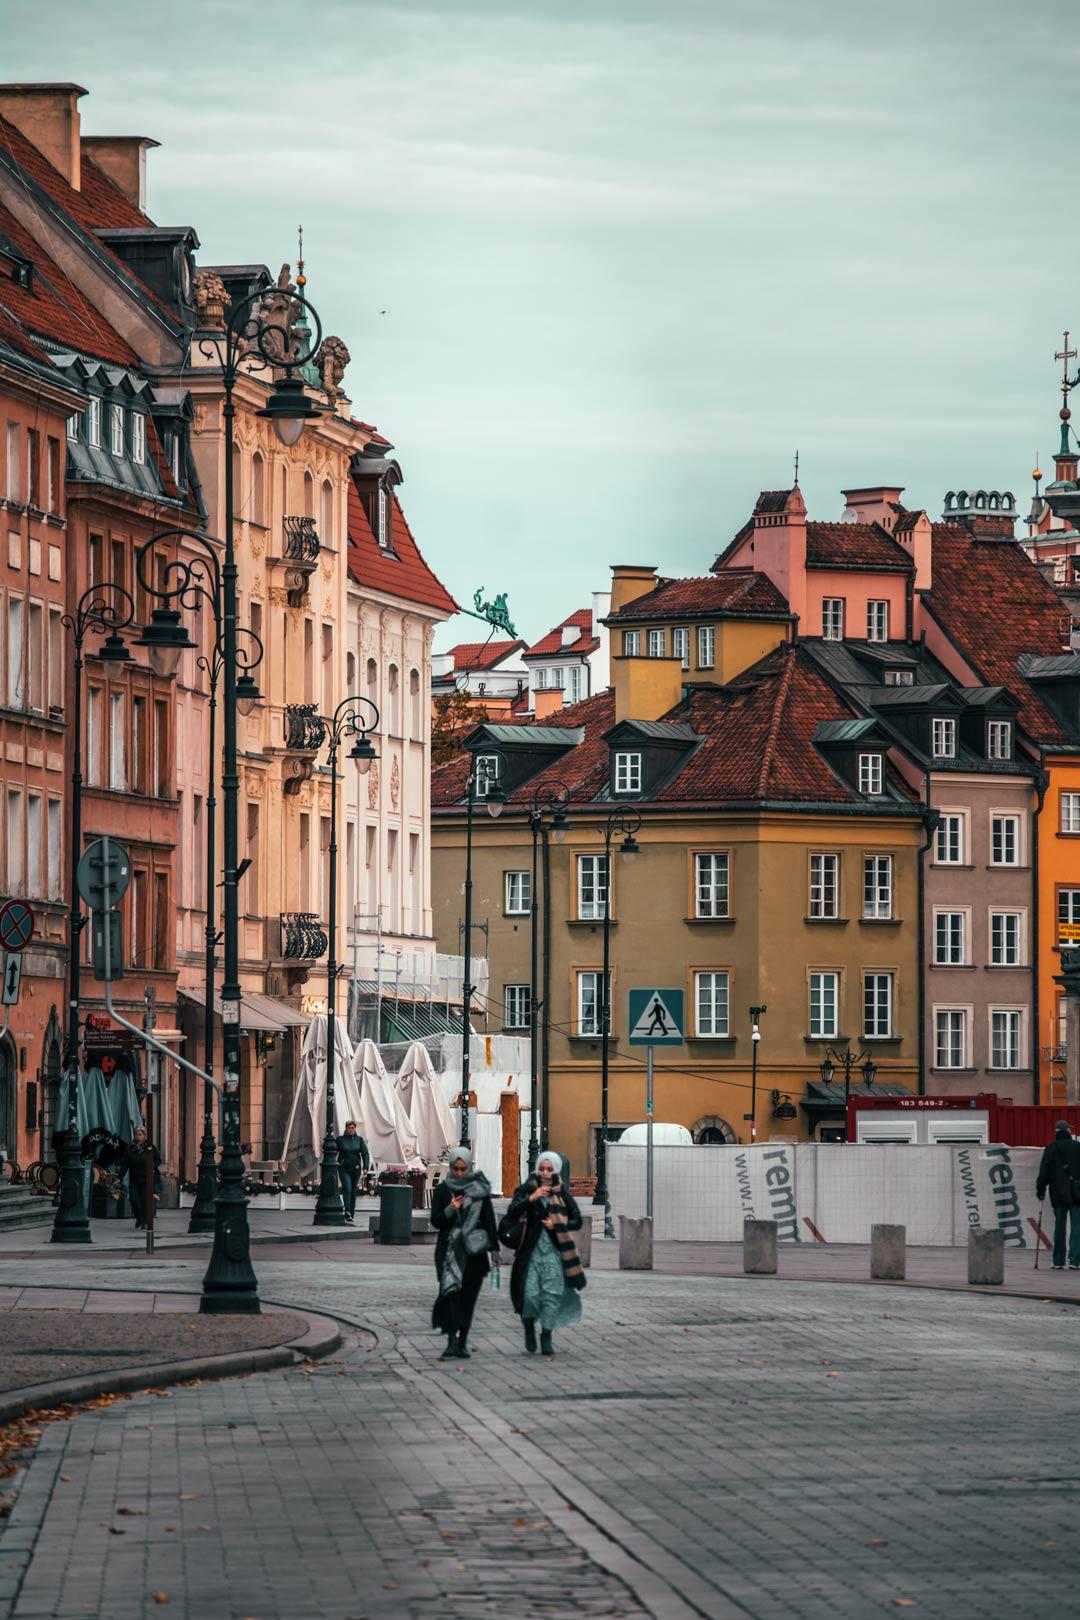 Φωτογραφία στη Βαρσοβία-πρωινή-βόλτα-προς-τη-παλία-πόλη-travelshare.gr